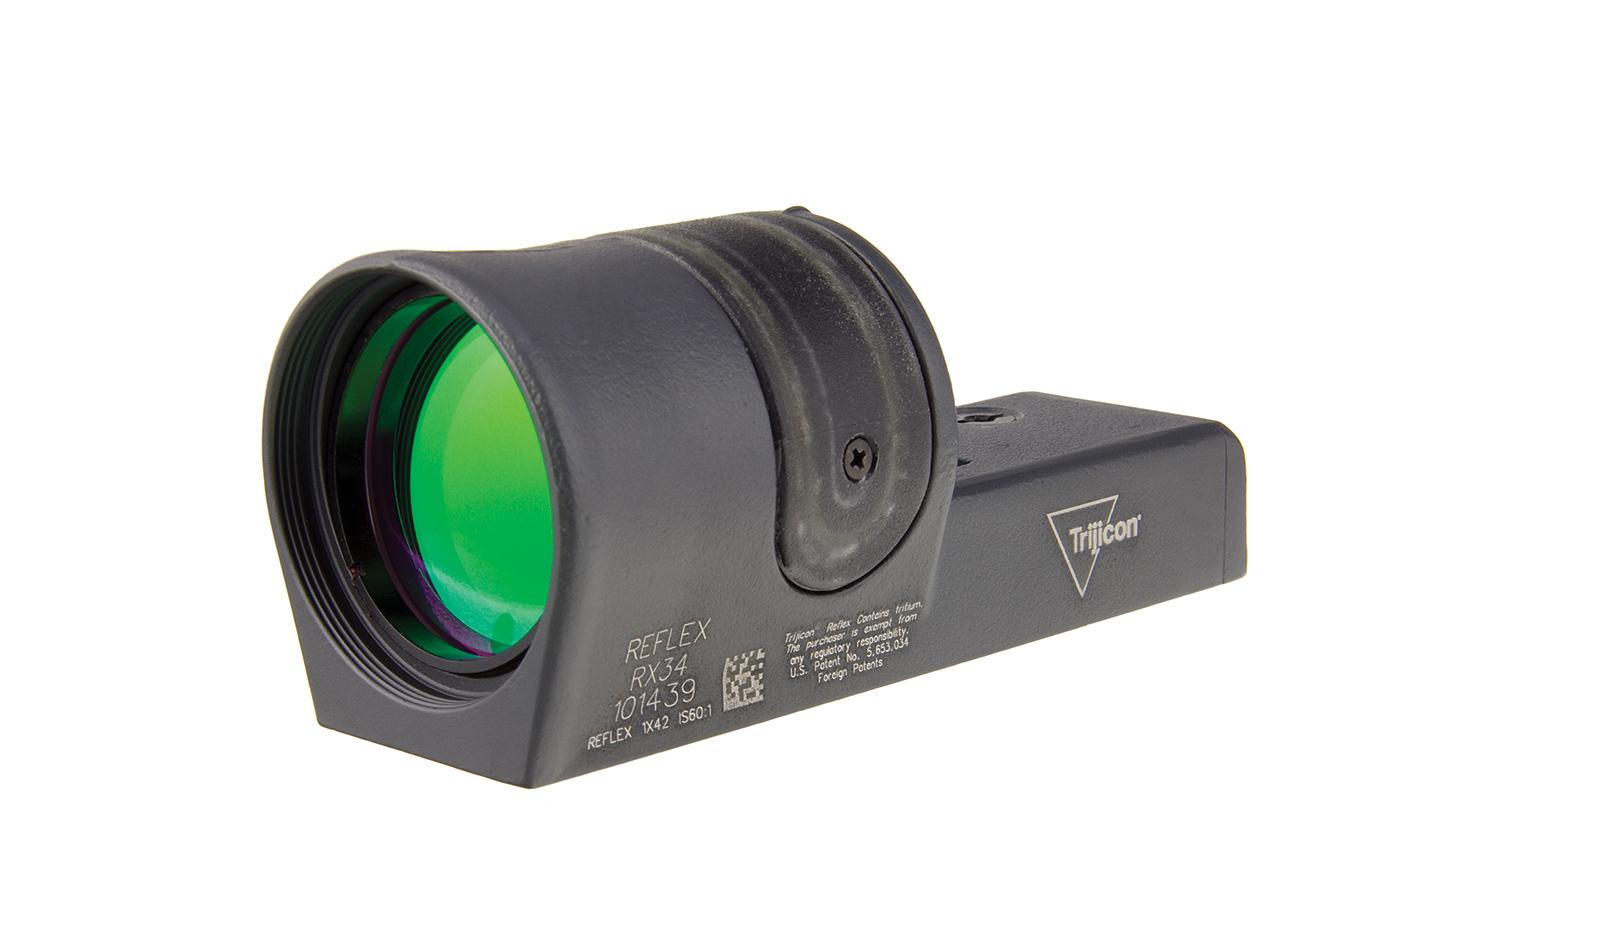 RX34-C-800092 angle 1